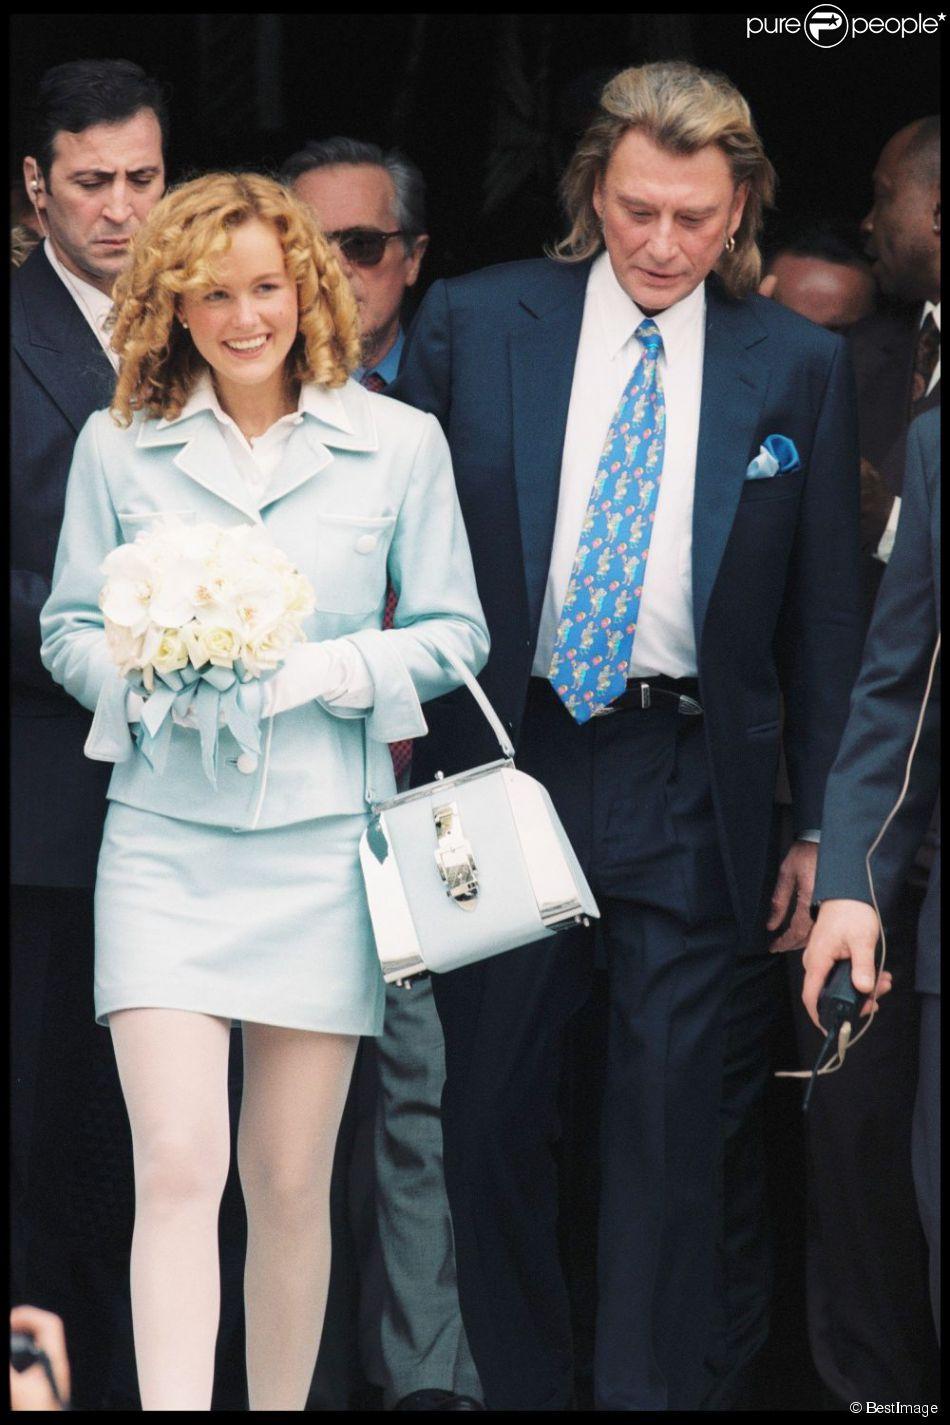 mariage de laeticia et johnny hallyday la mairie de neuilly le 25 mars 1996. Black Bedroom Furniture Sets. Home Design Ideas